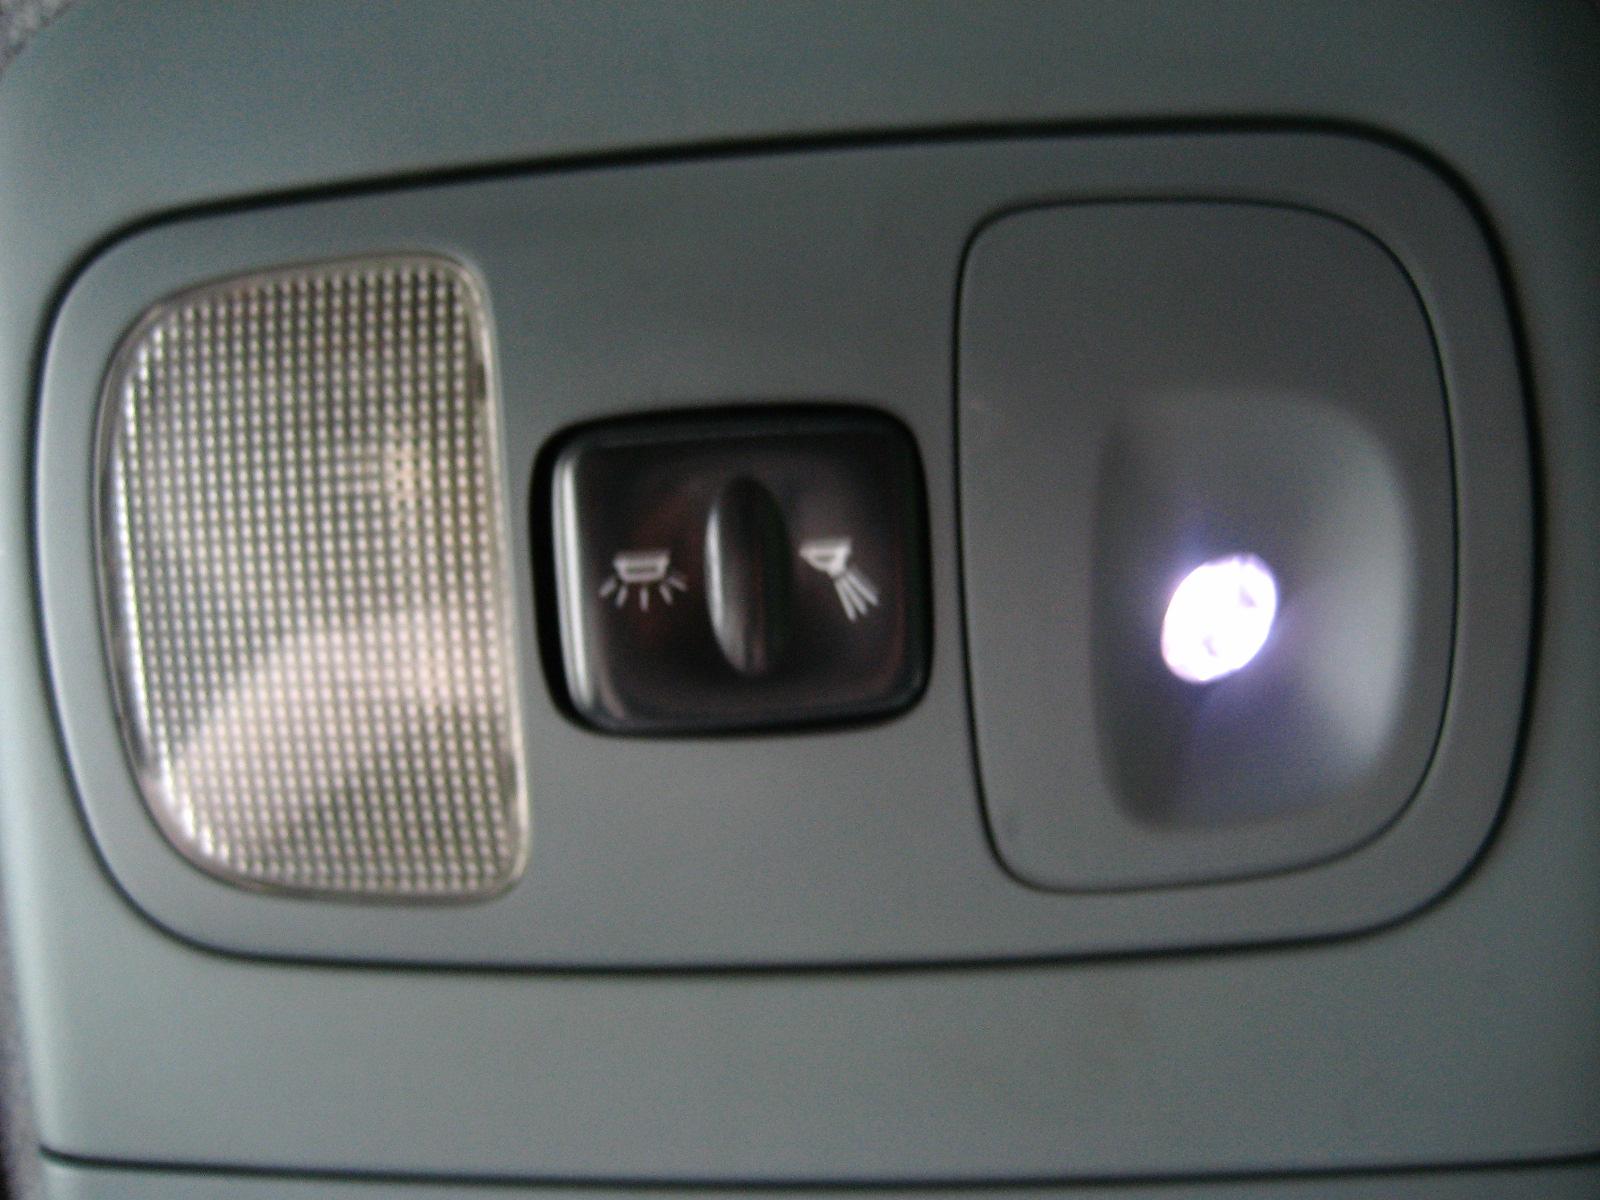 Megane I Phii Oświetlenie Wnętrza Oświetlenie